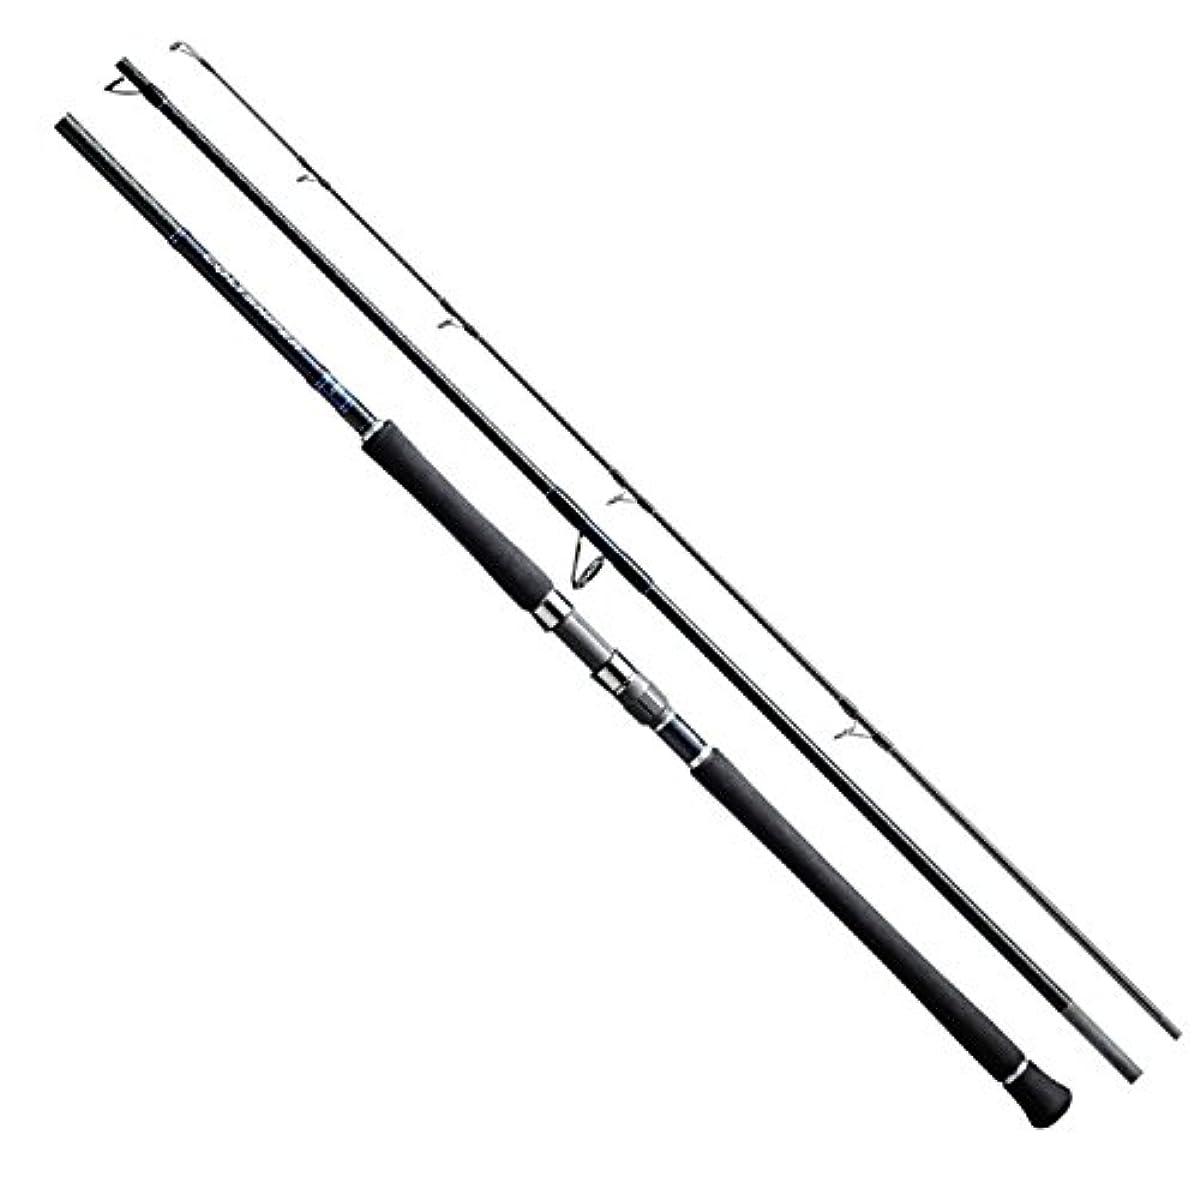 [해외] 시마노 스피닝 로드 콜트 스나이퍼 쇼어지깅 S1000H-3 10피트